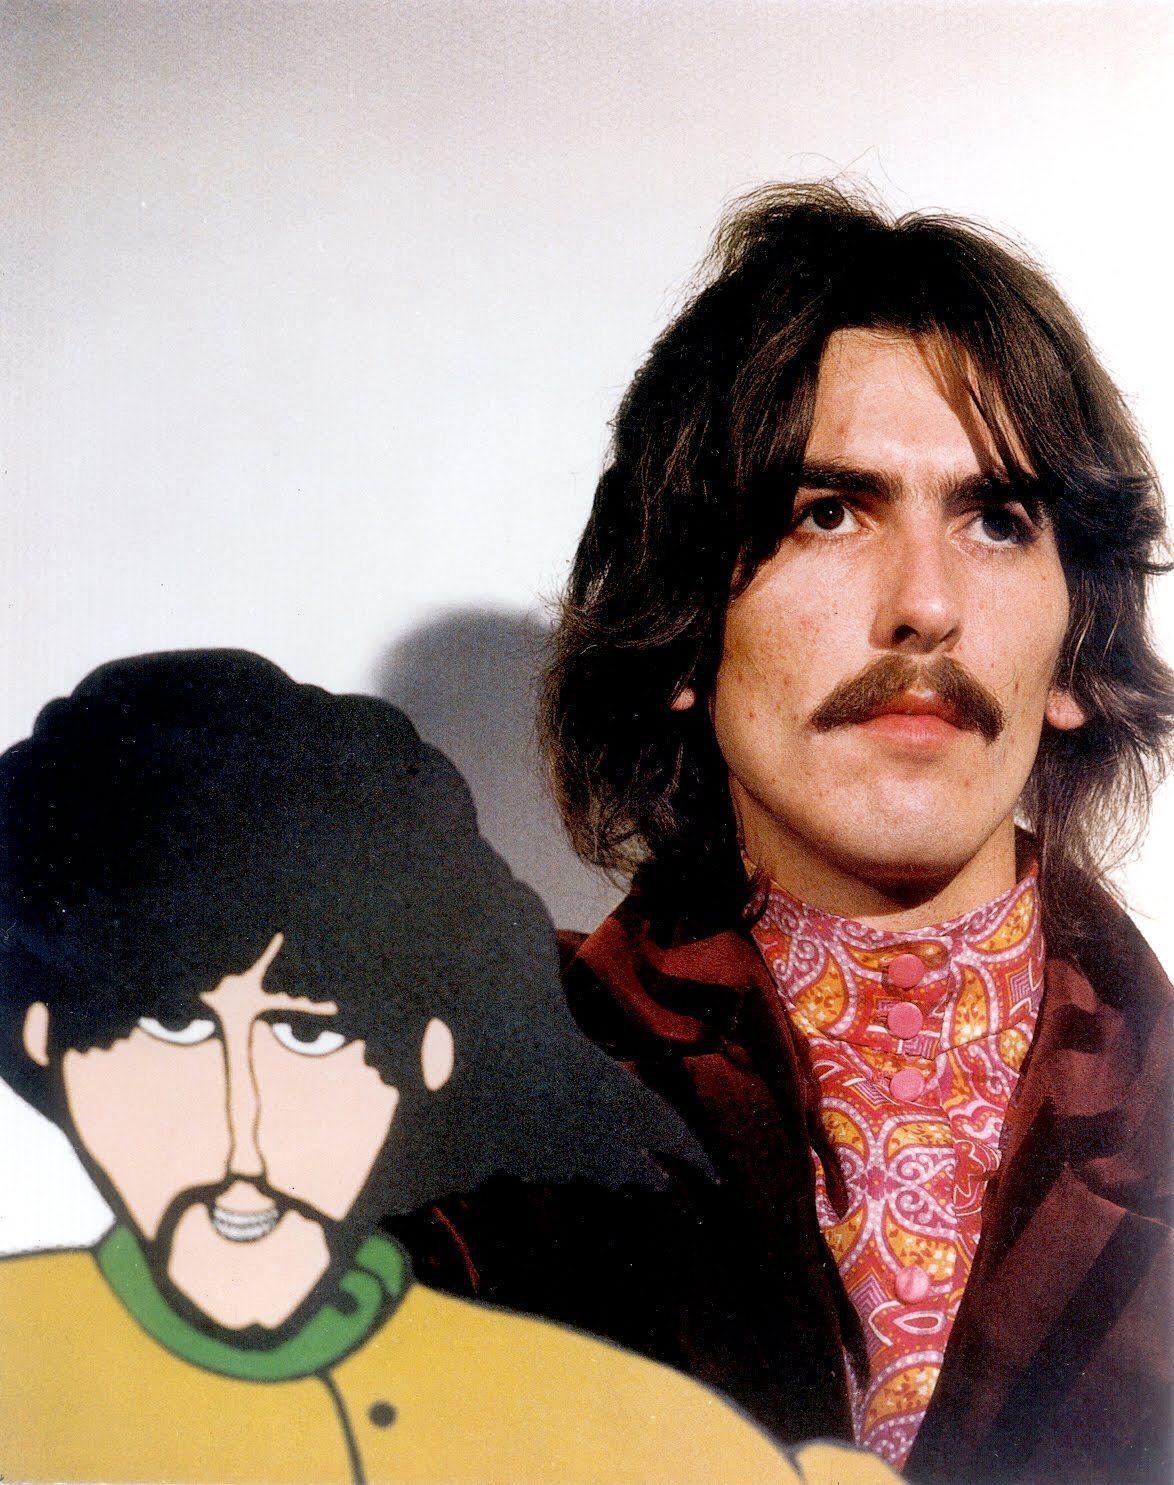 Moustache Wallpaper Hd George Harrison Images George Harrison Hd Wallpaper And